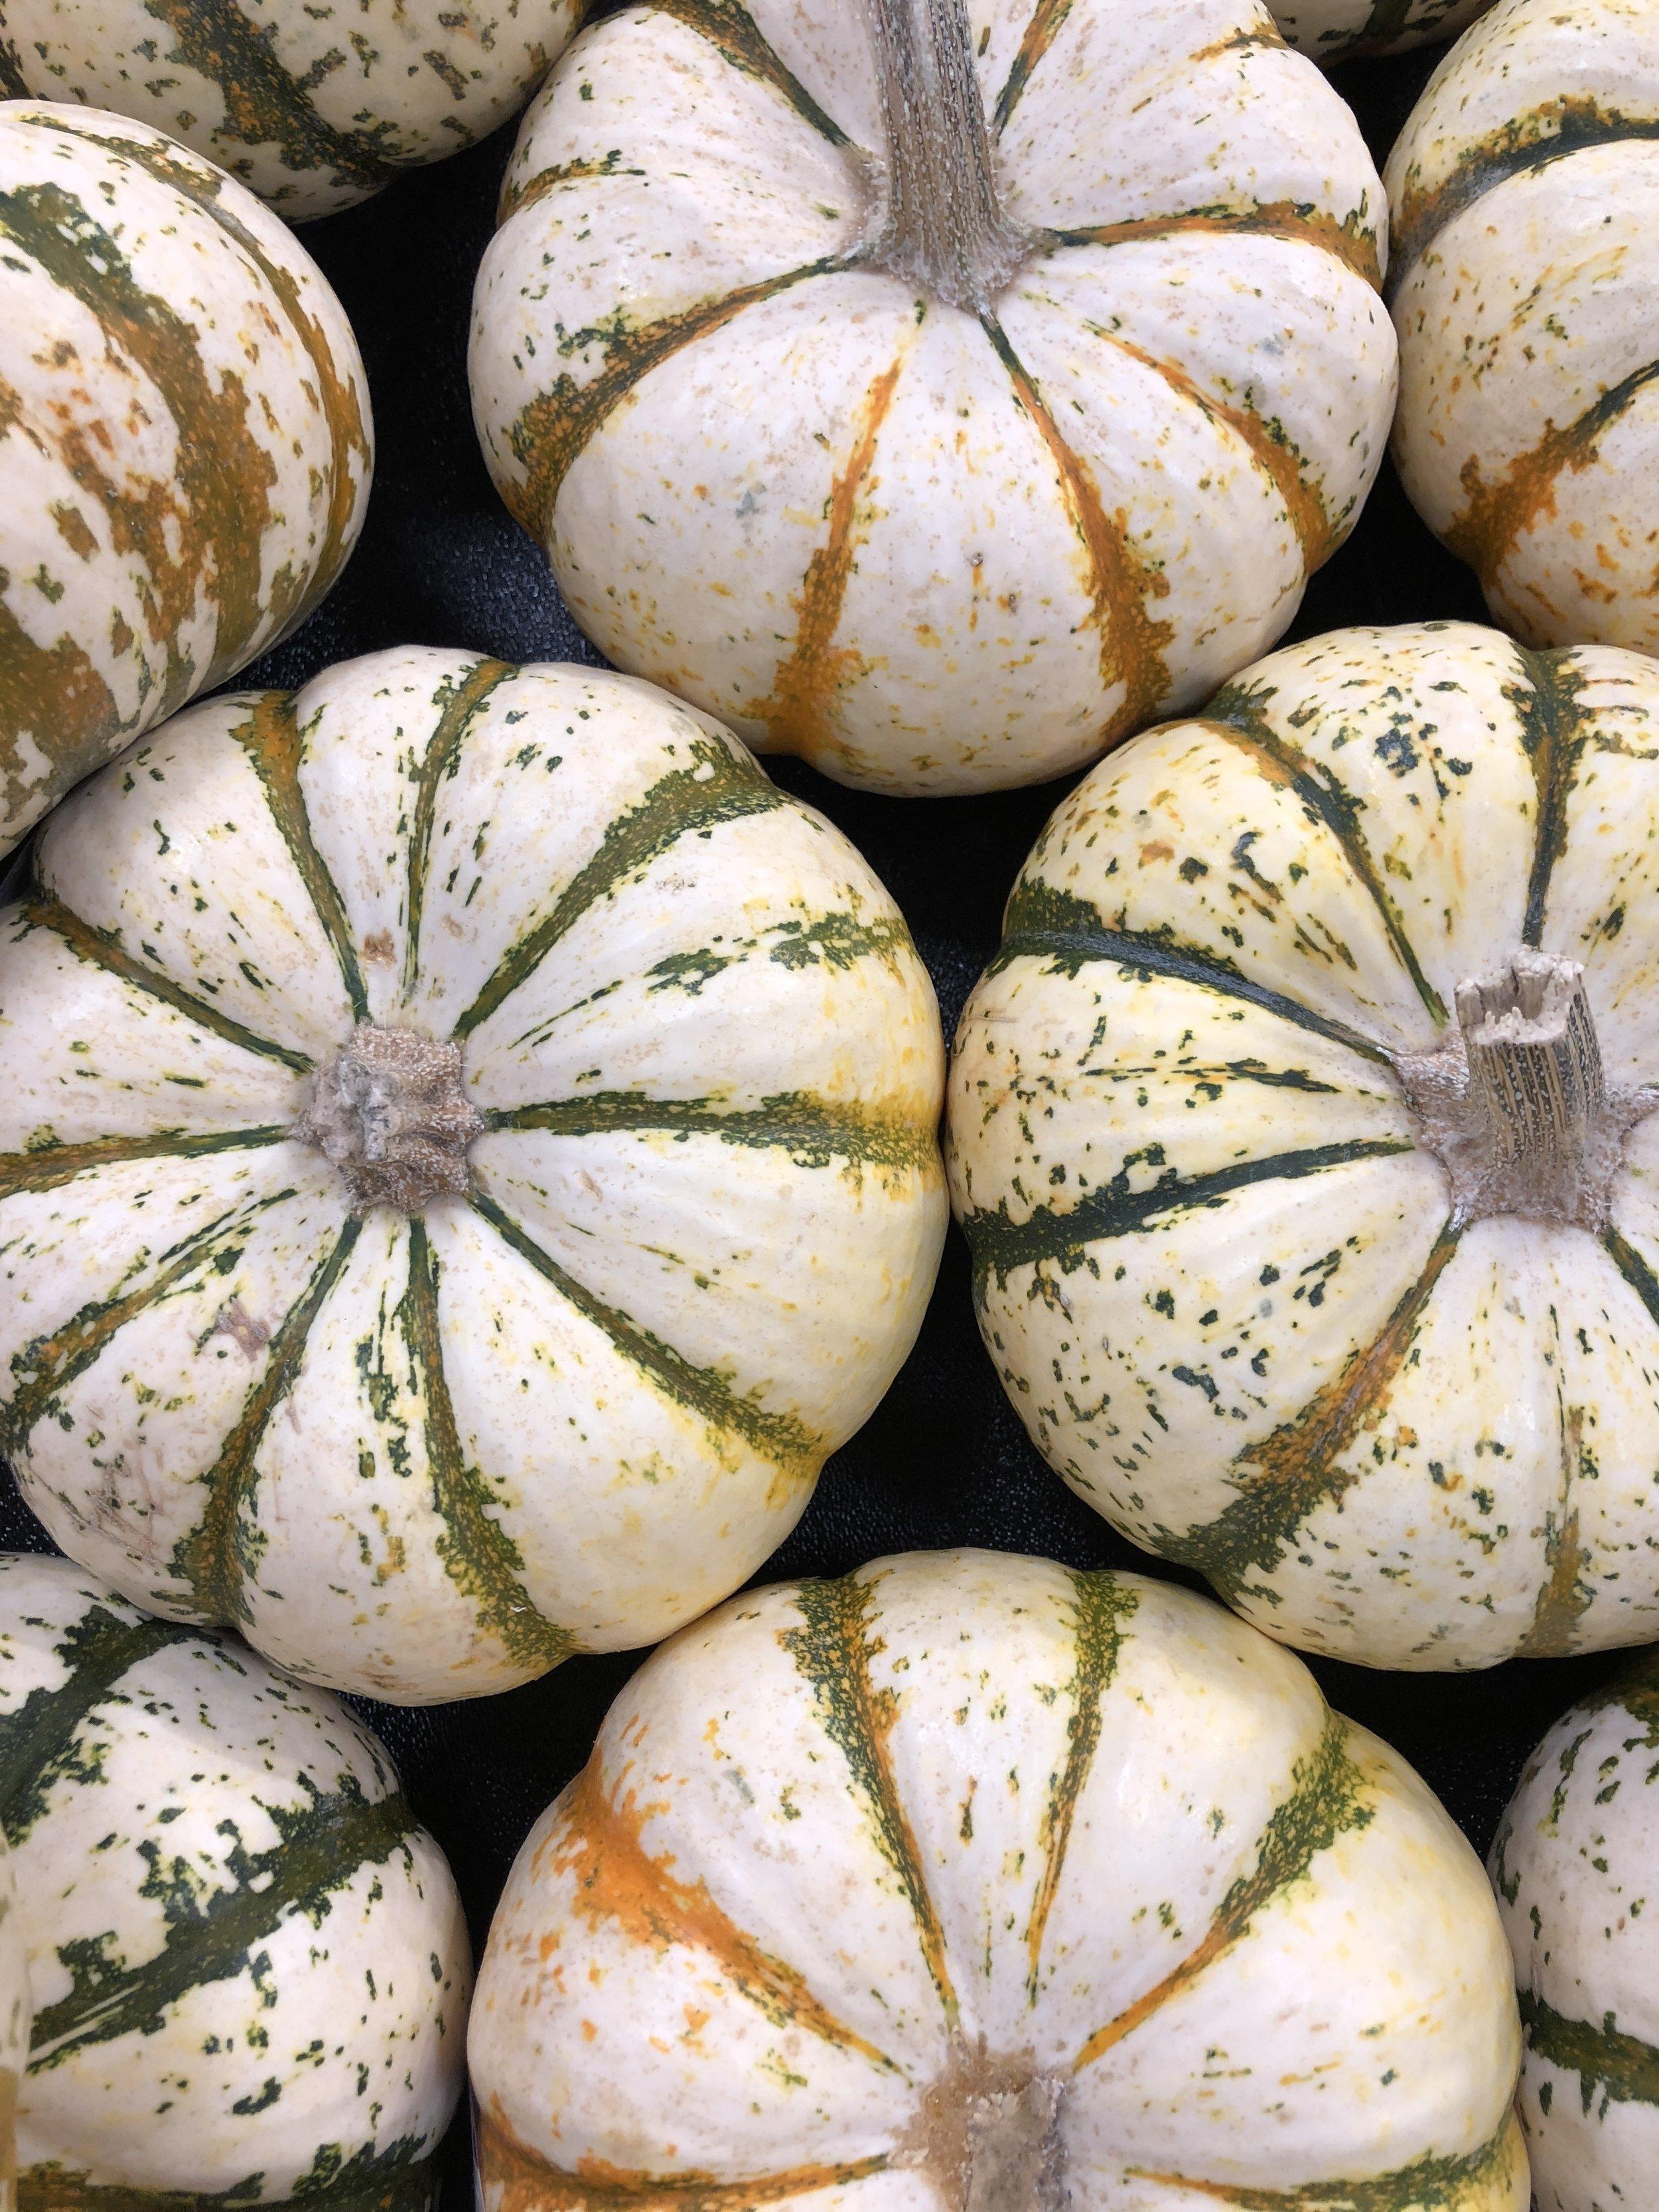 Glimsen-white-gourds.JPG